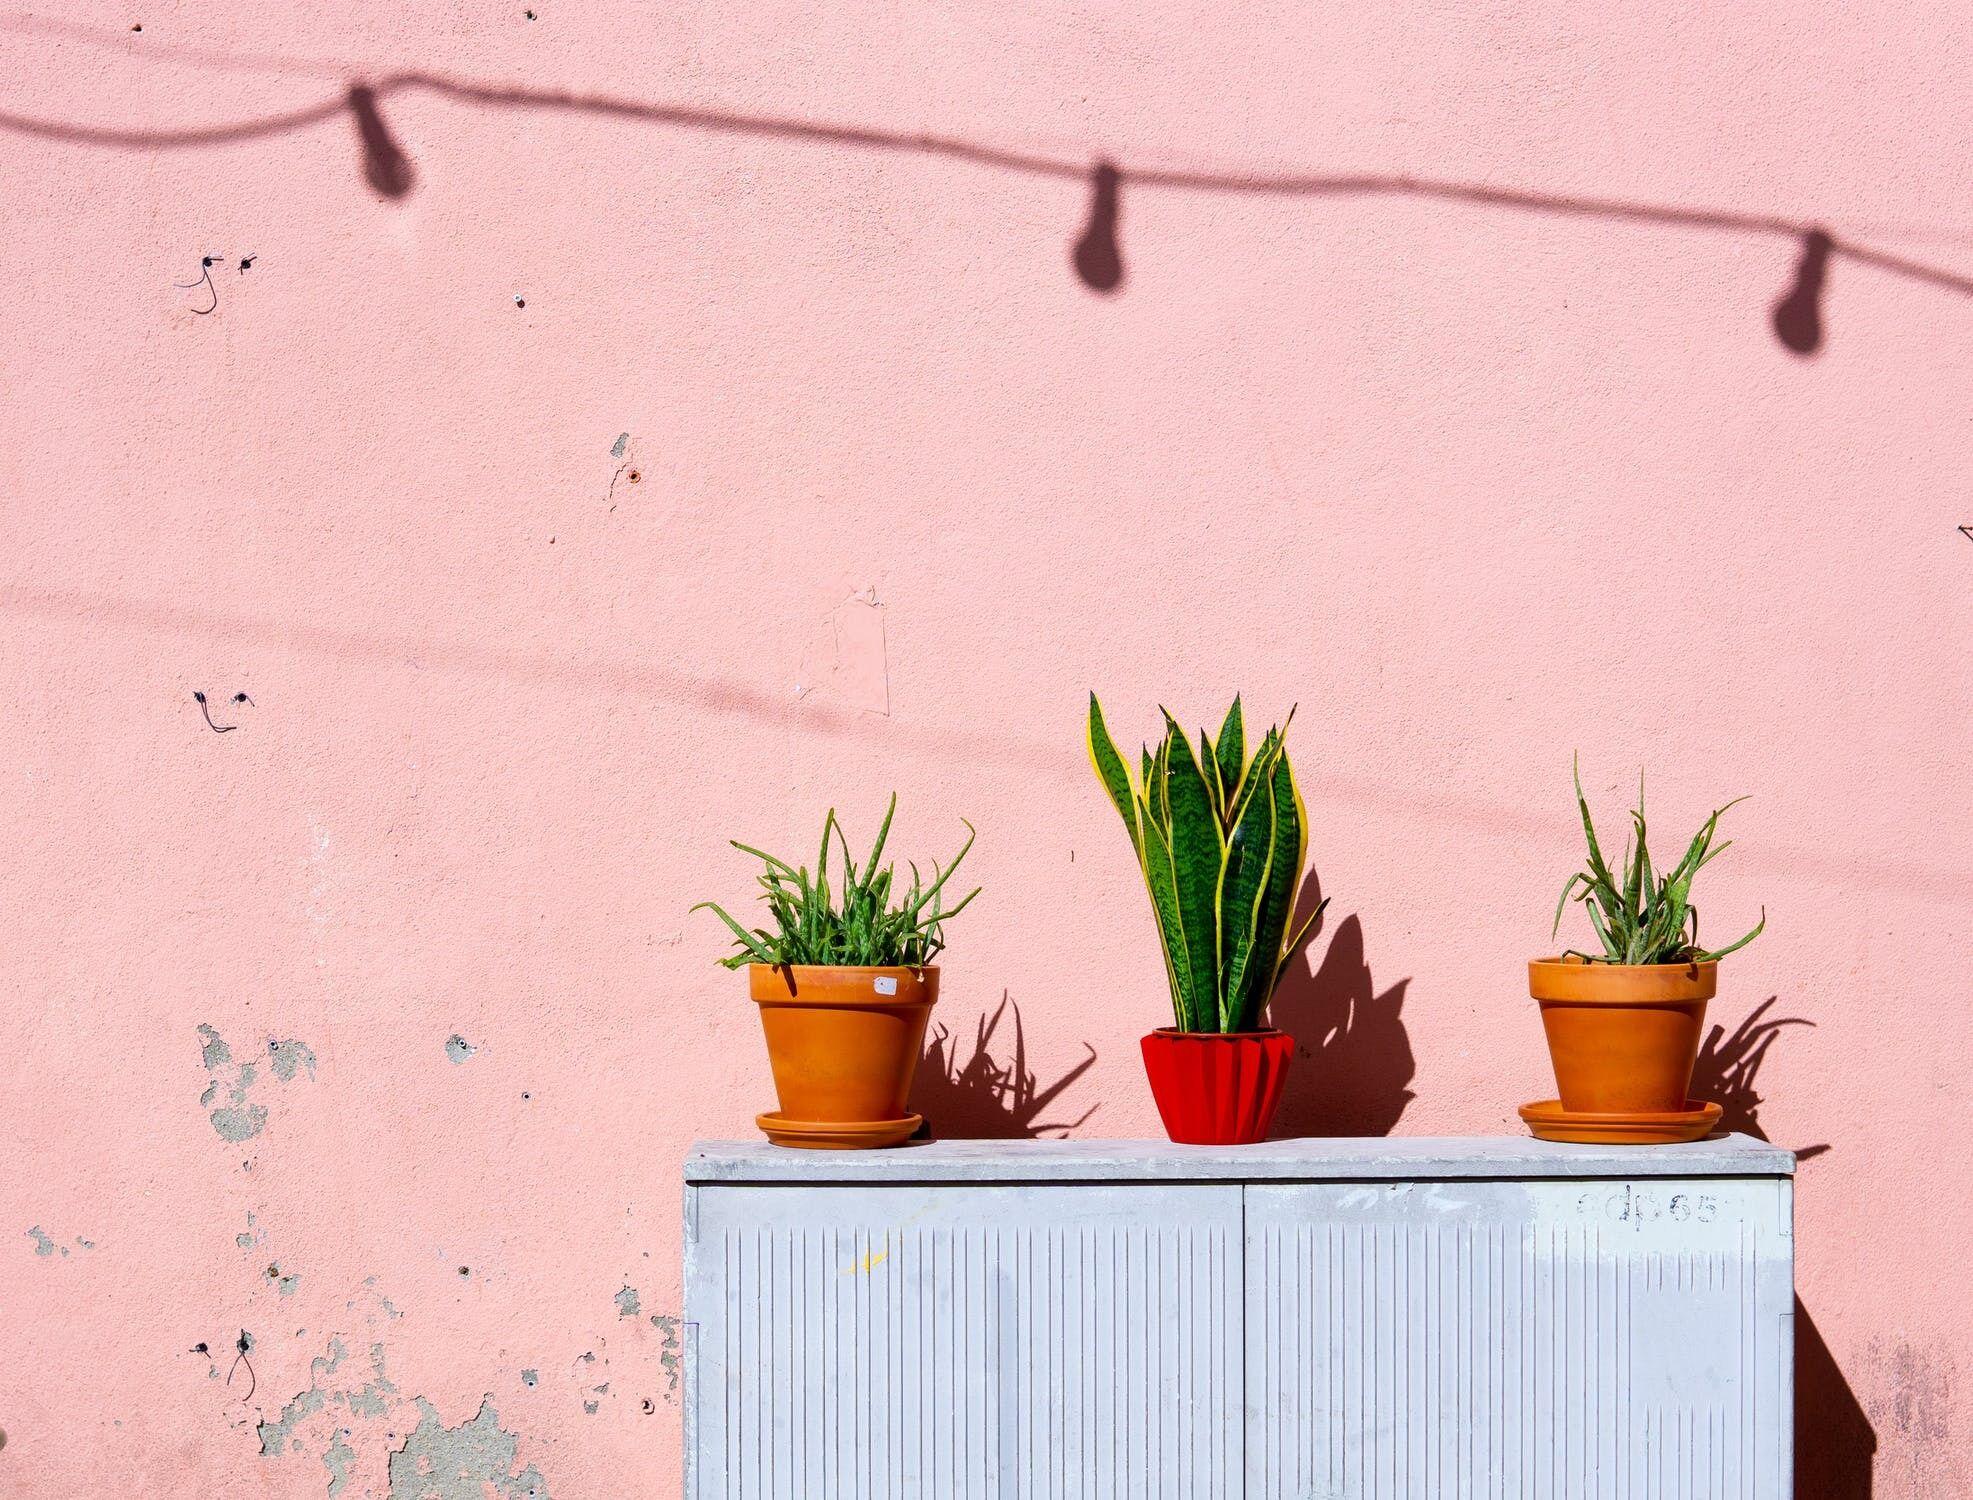 Кімнатні рослини подобаються не всім